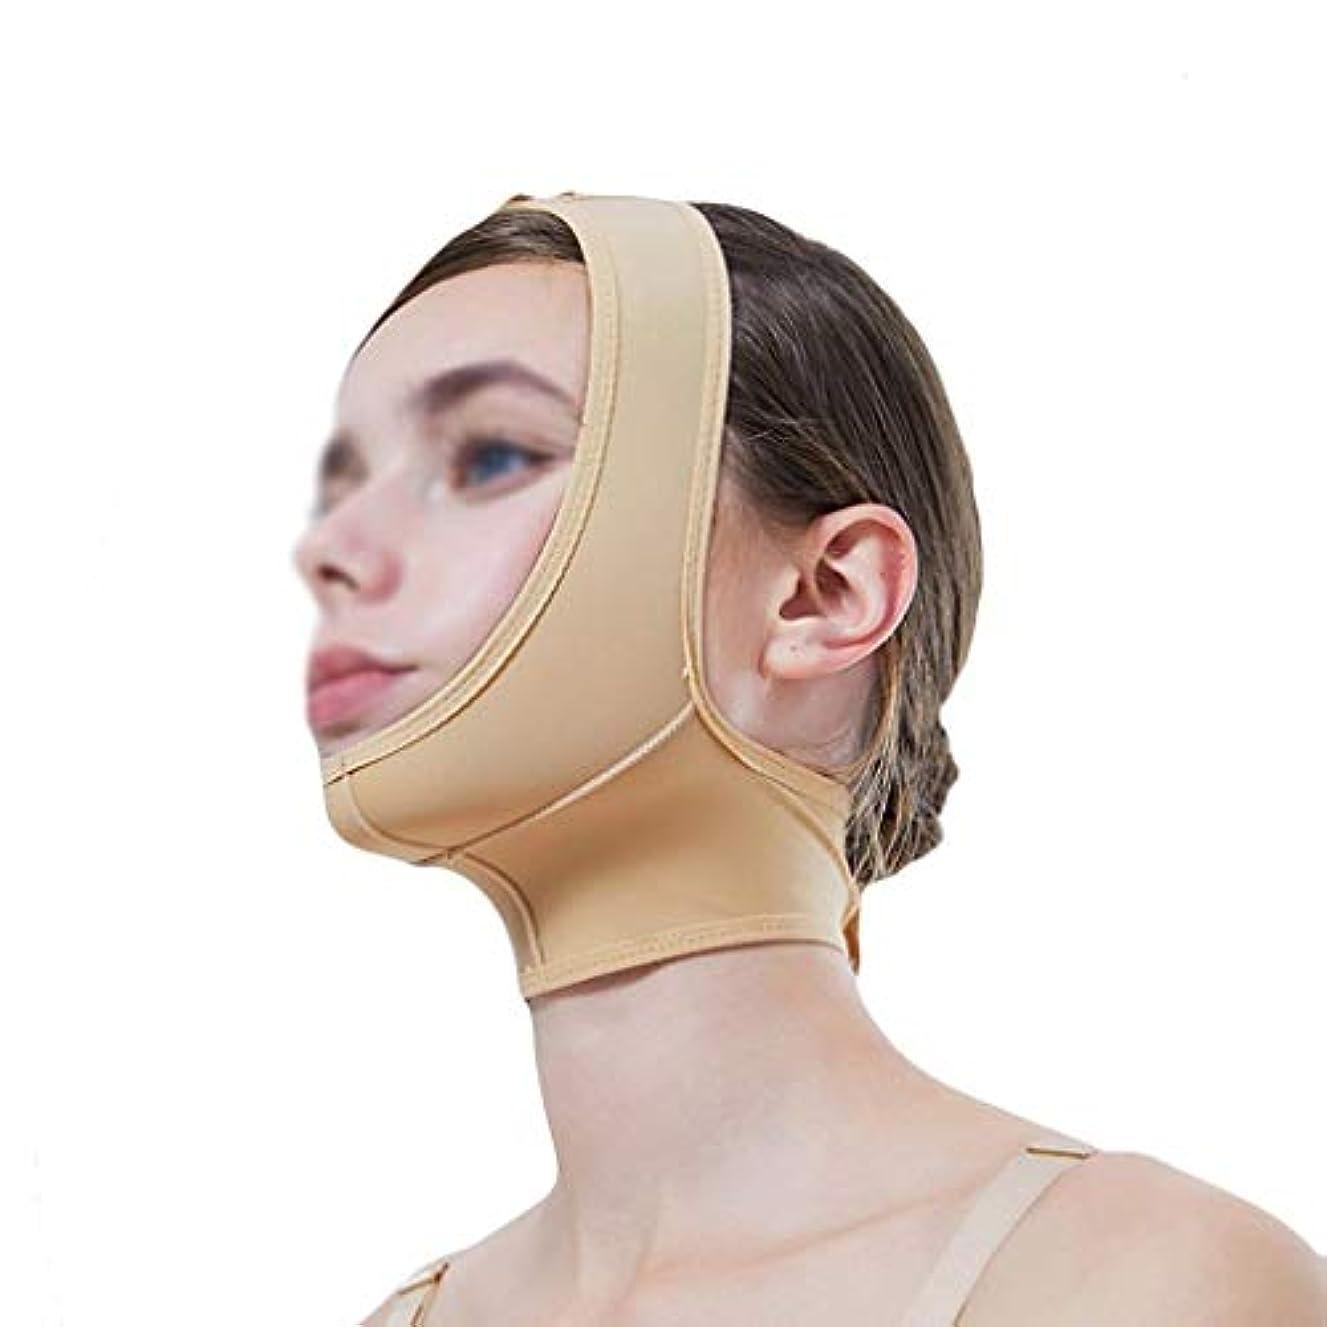 ずんぐりしたハード嘆願マスク、超薄型ベルト、フェイスリフティングに適し、フェイスリフティング、通気性包帯、あご取りベルト、超薄型ベルト、通気性(サイズ:XL),XS